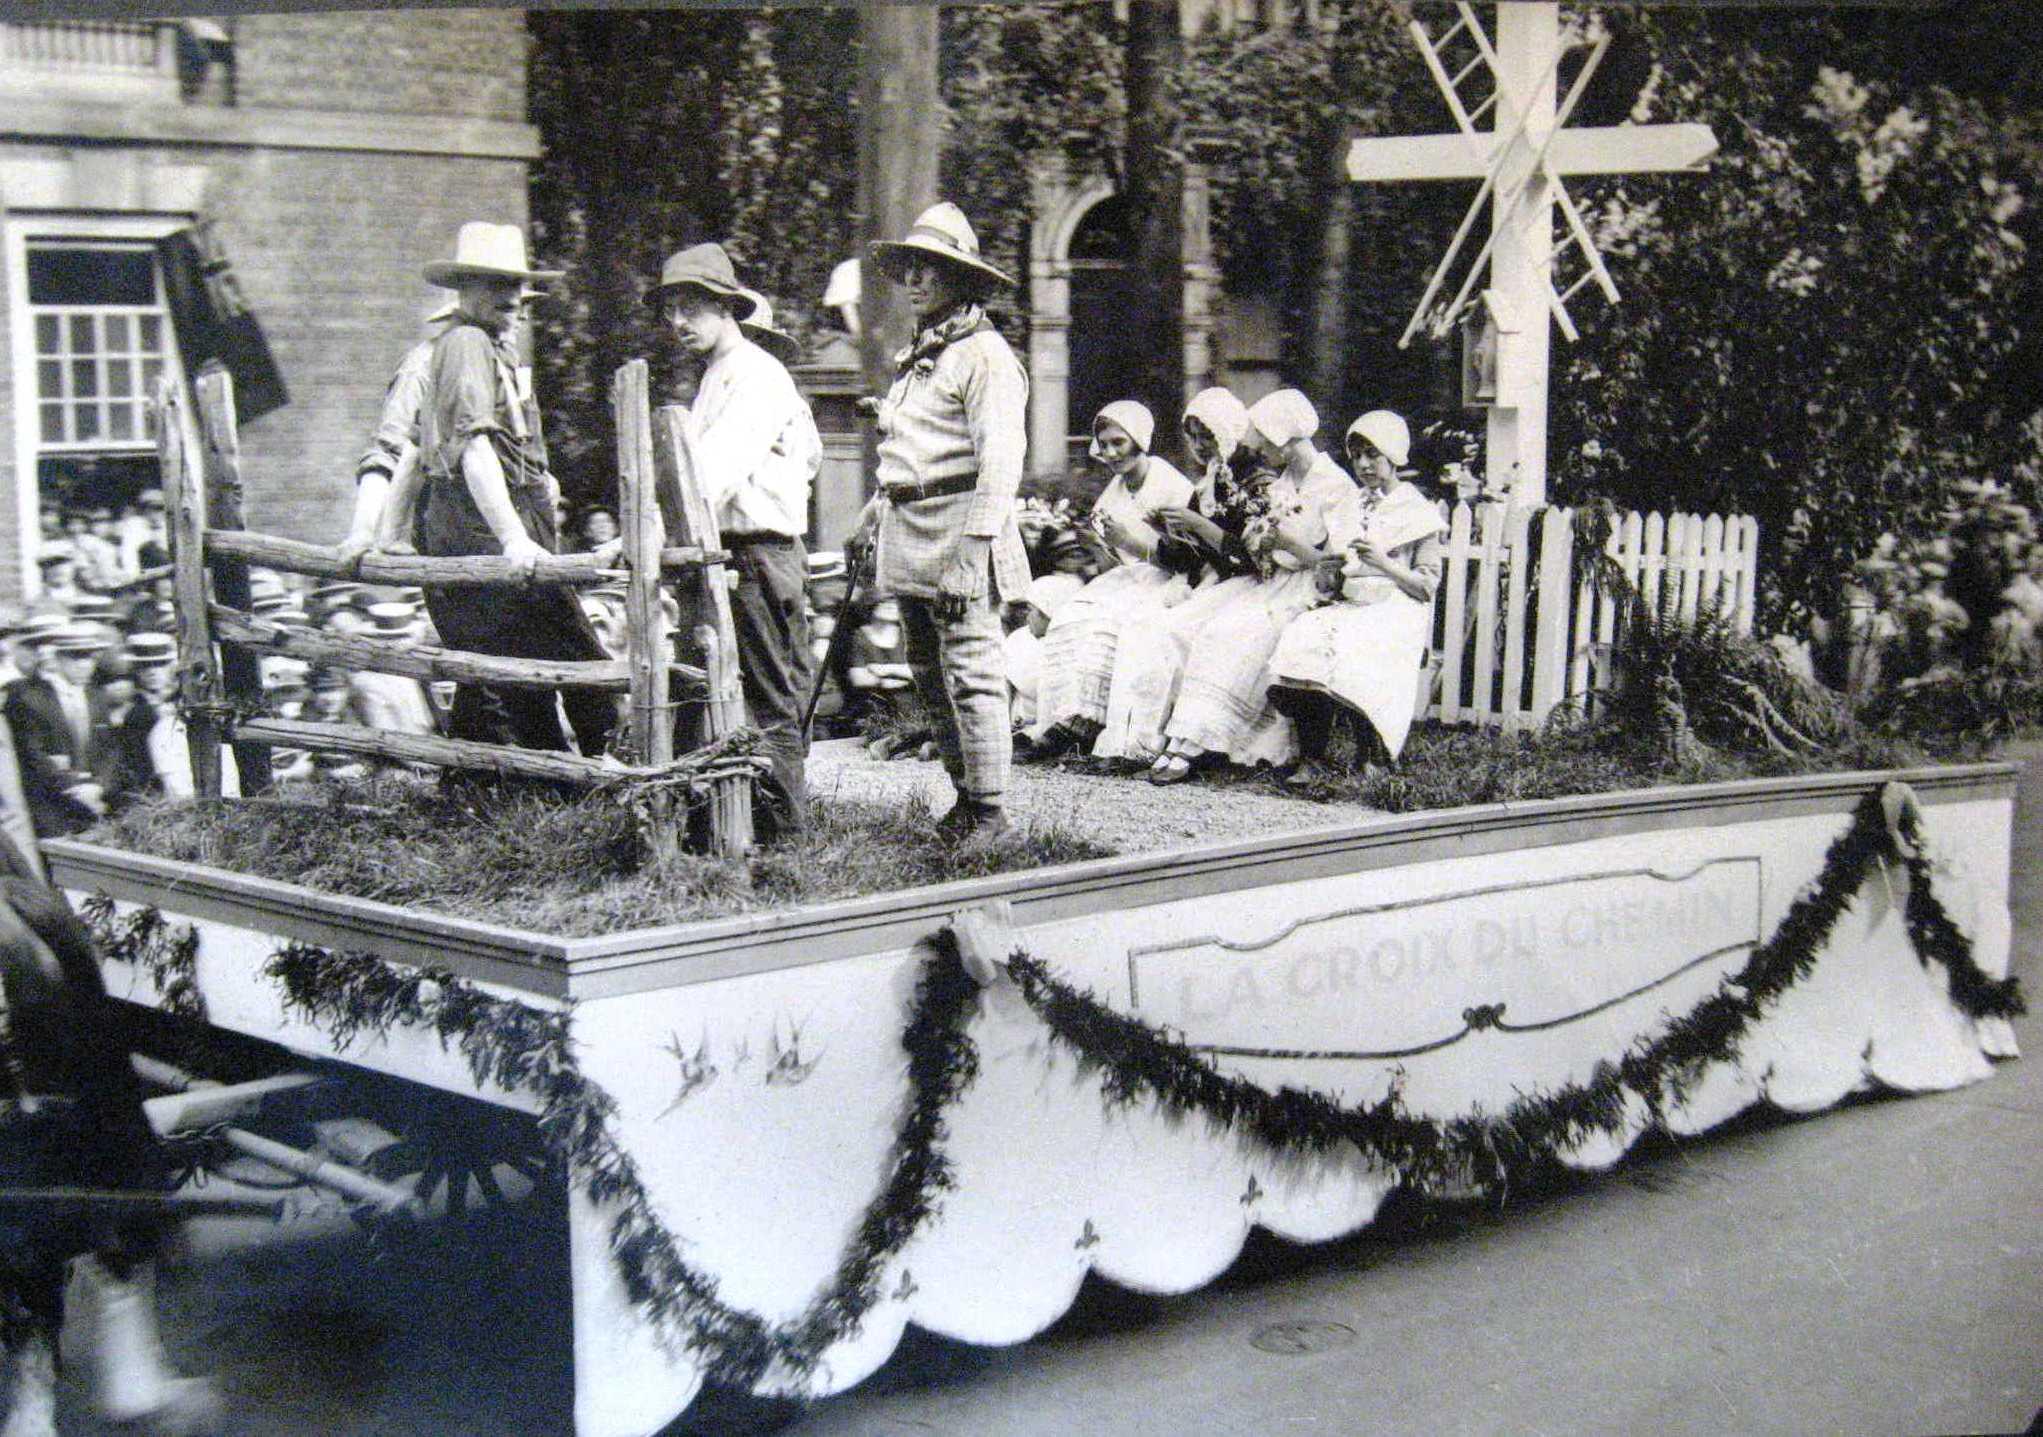 La croix de chemin est présentée comme un objet social et non religieux